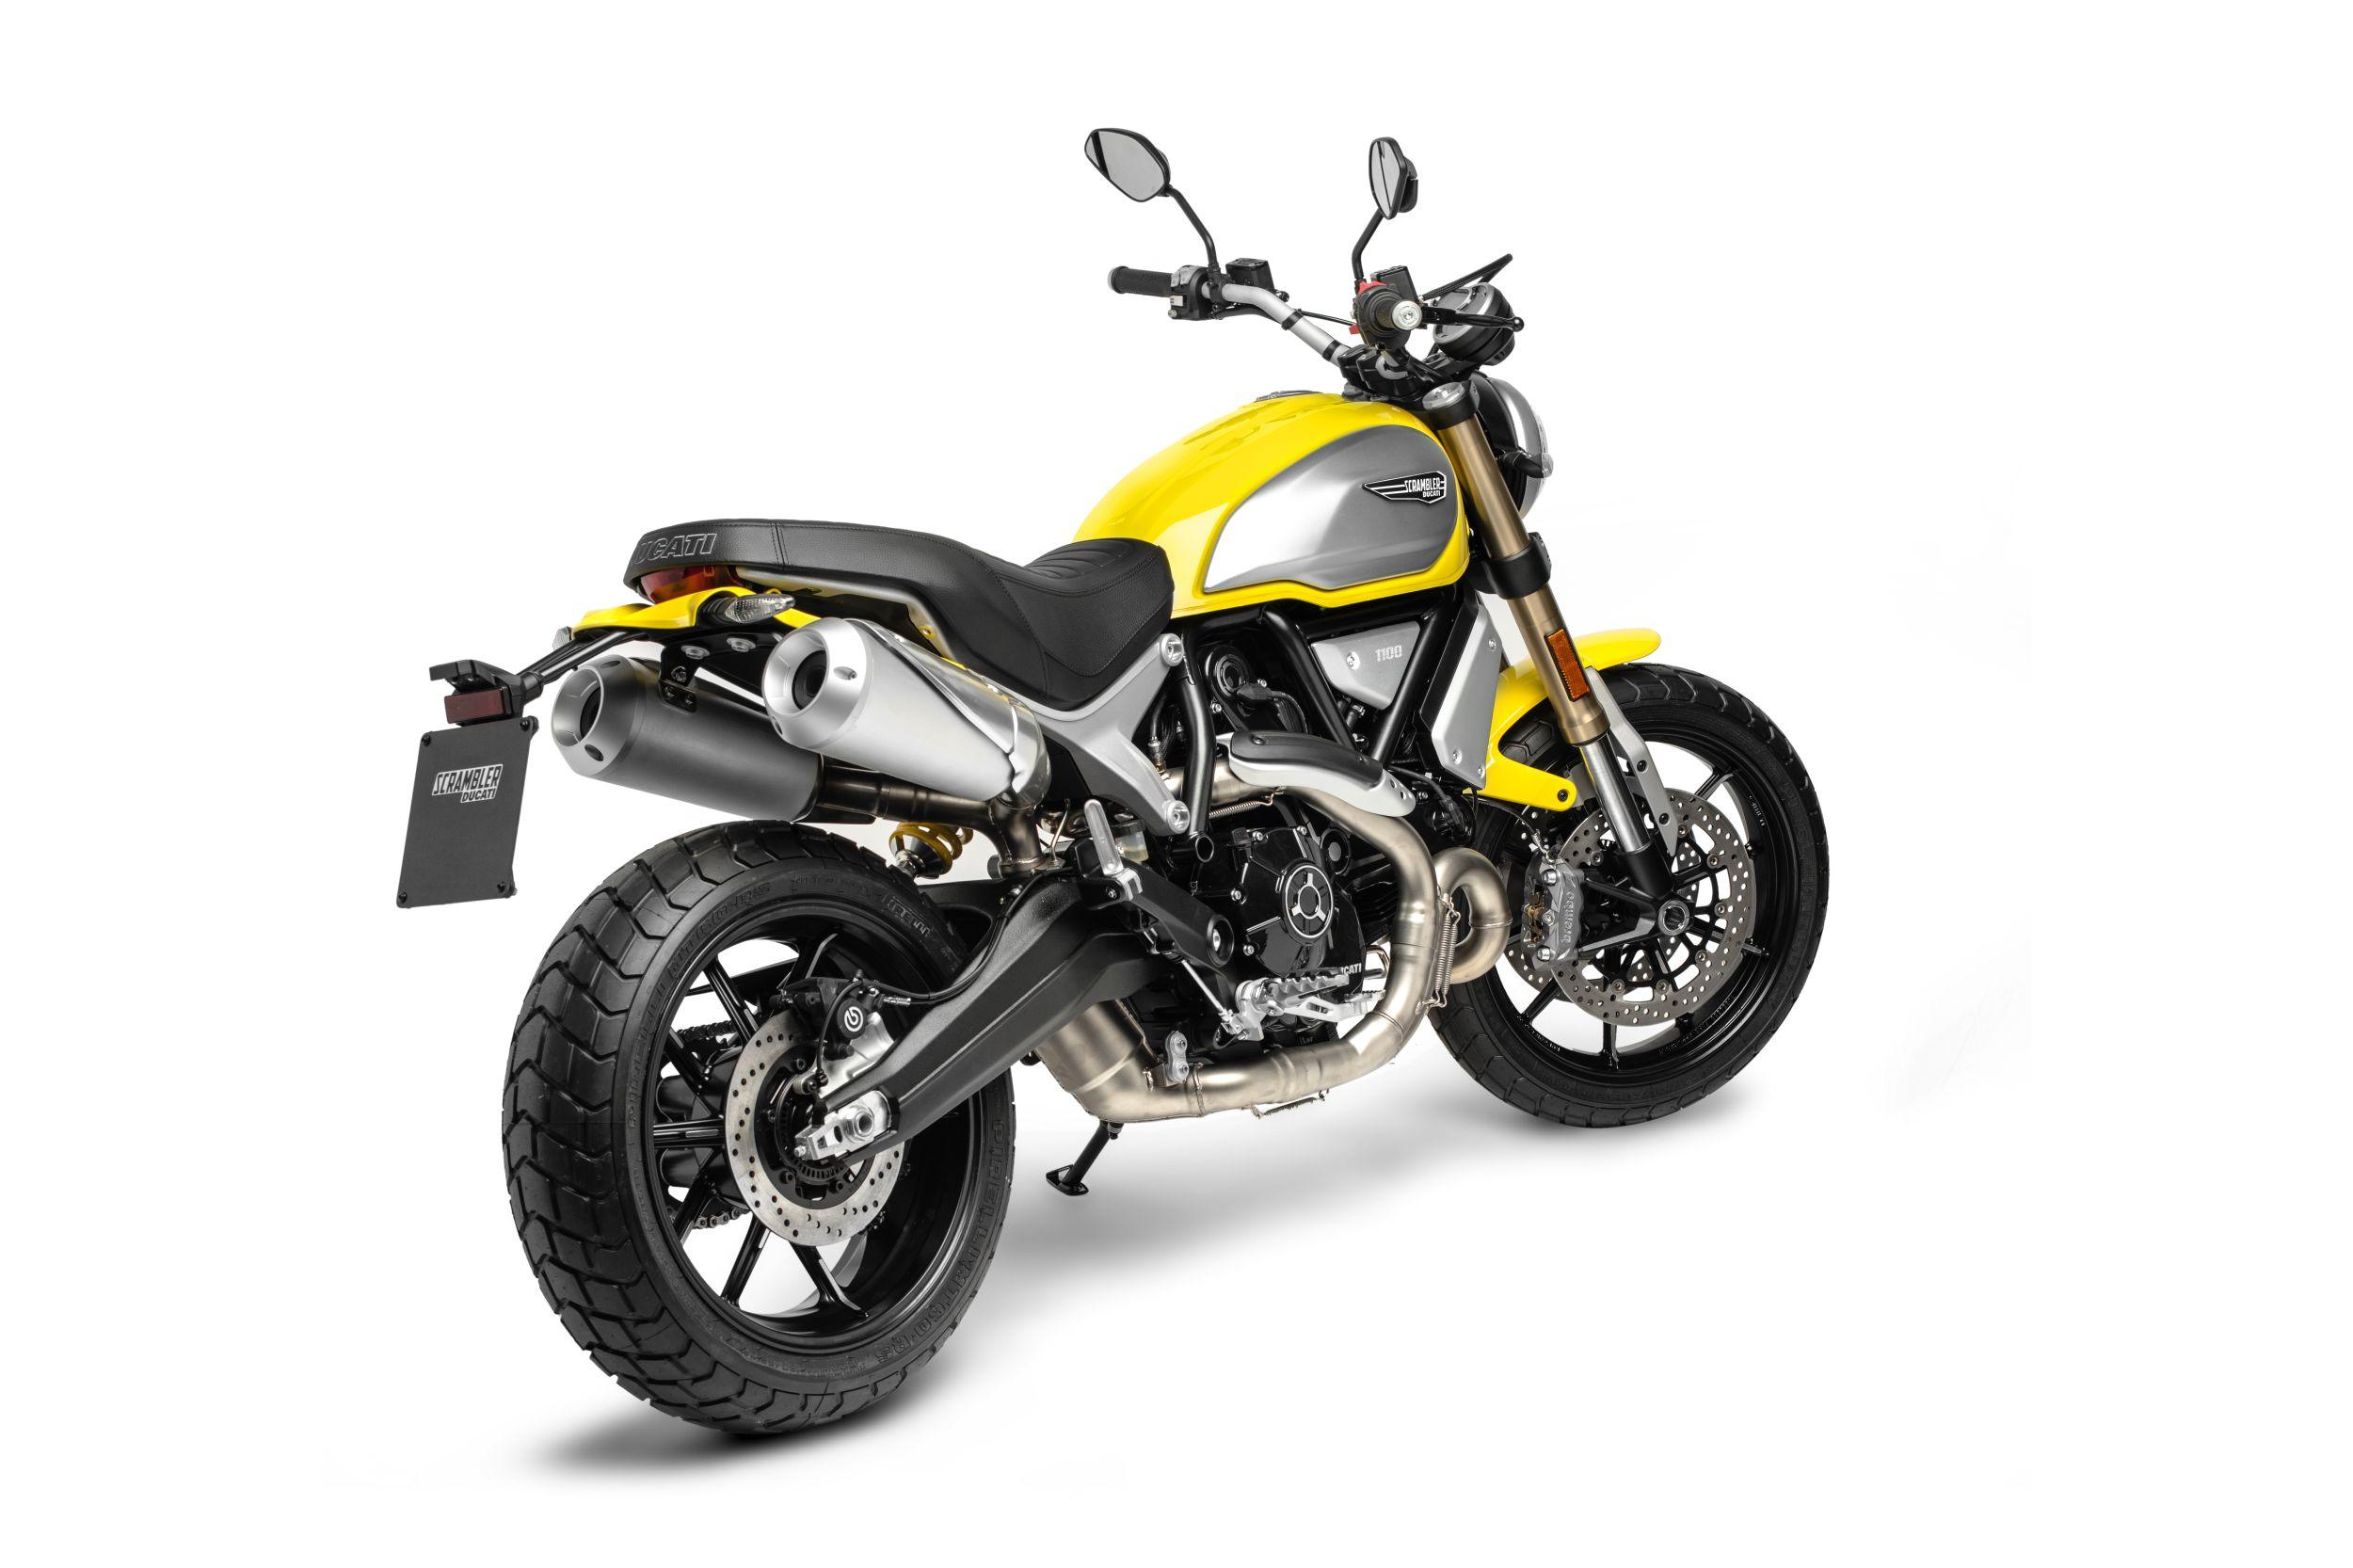 Ducati Scrambler 1100 Alle Technischen Daten Zum Modell Scrambler